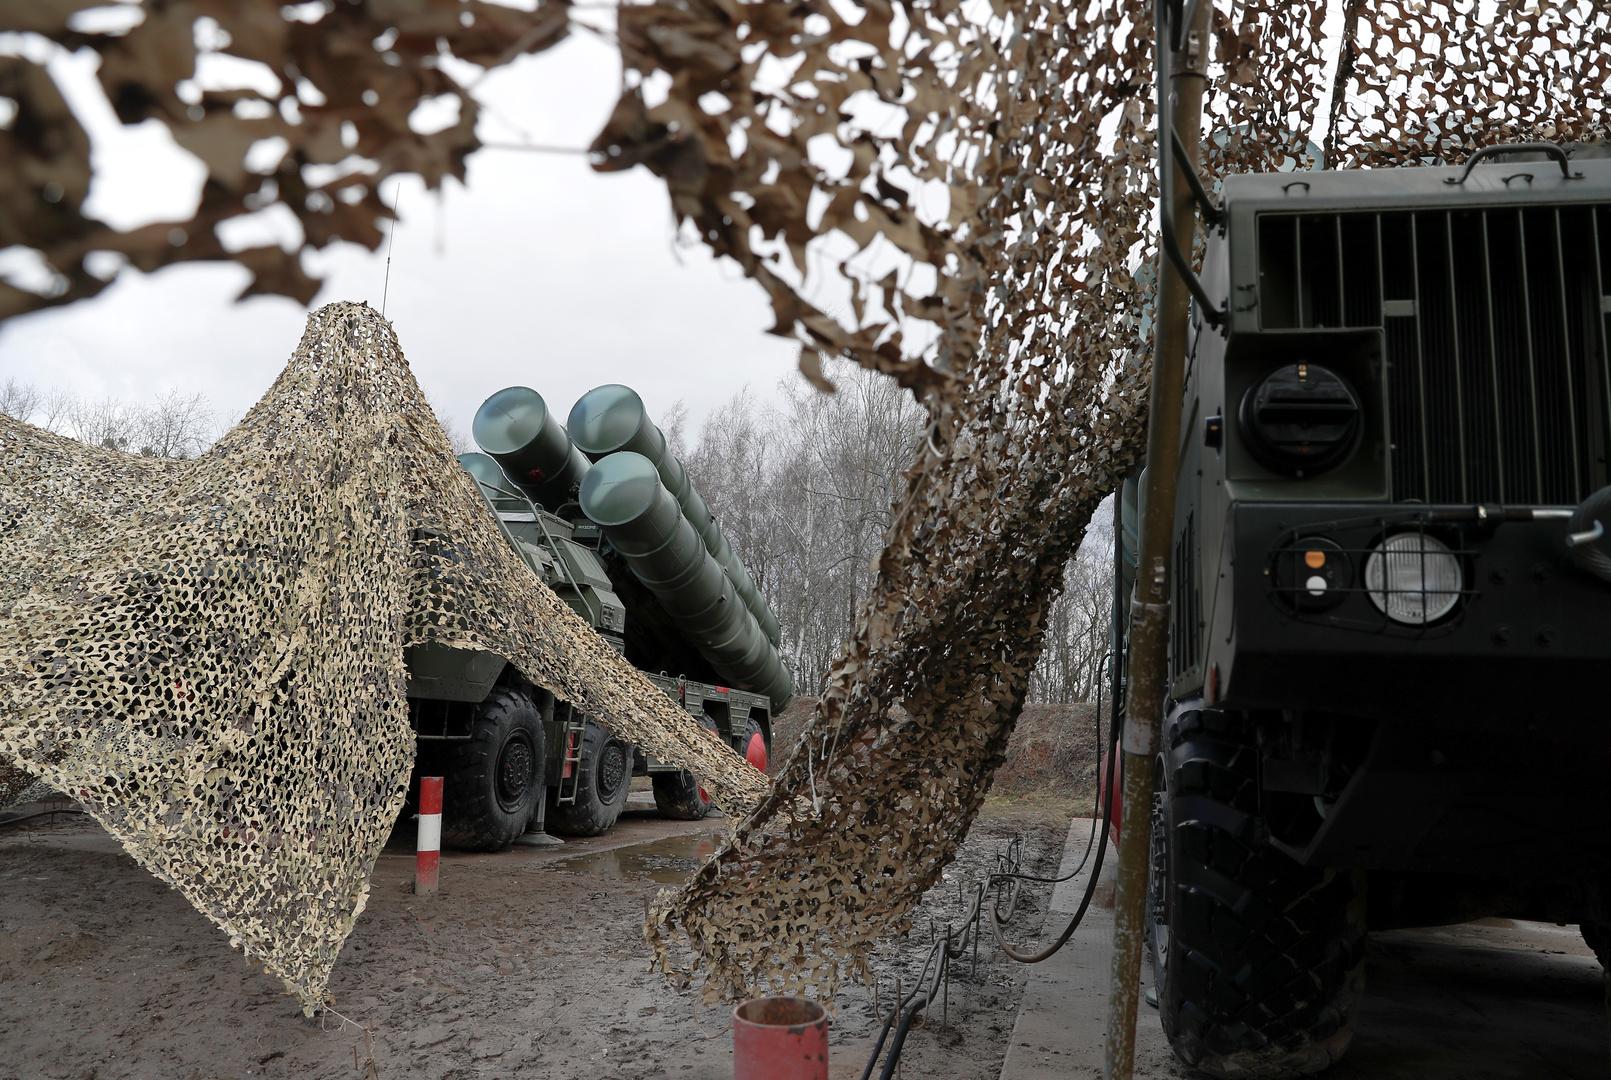 القوات الروسية تتفقد جاهزية دفاعاتها الجوية في القرم